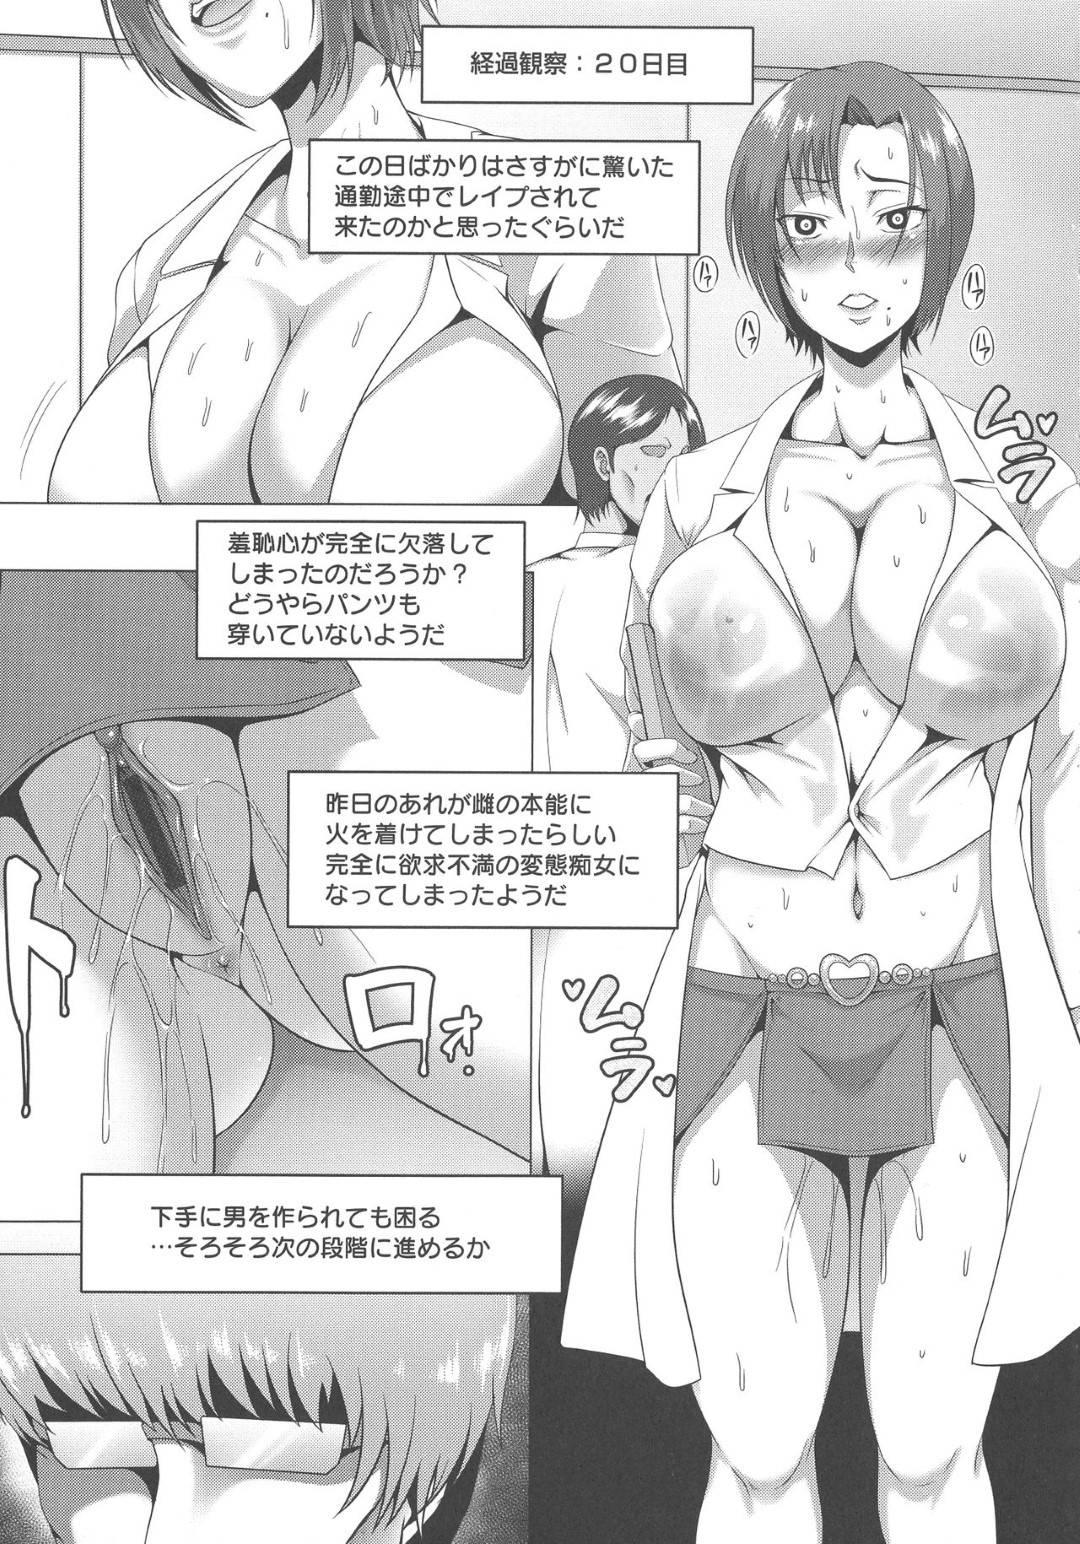 【女主任淫乱化エロ漫画】寄生虫に寄生された男は、女主任に感染させると、主任のクリやおっぱいが肥大し発情。カメラが回る中、アナルやおっぱいを見せつけながら中出しセックスでイキ乱れる【クロFn】